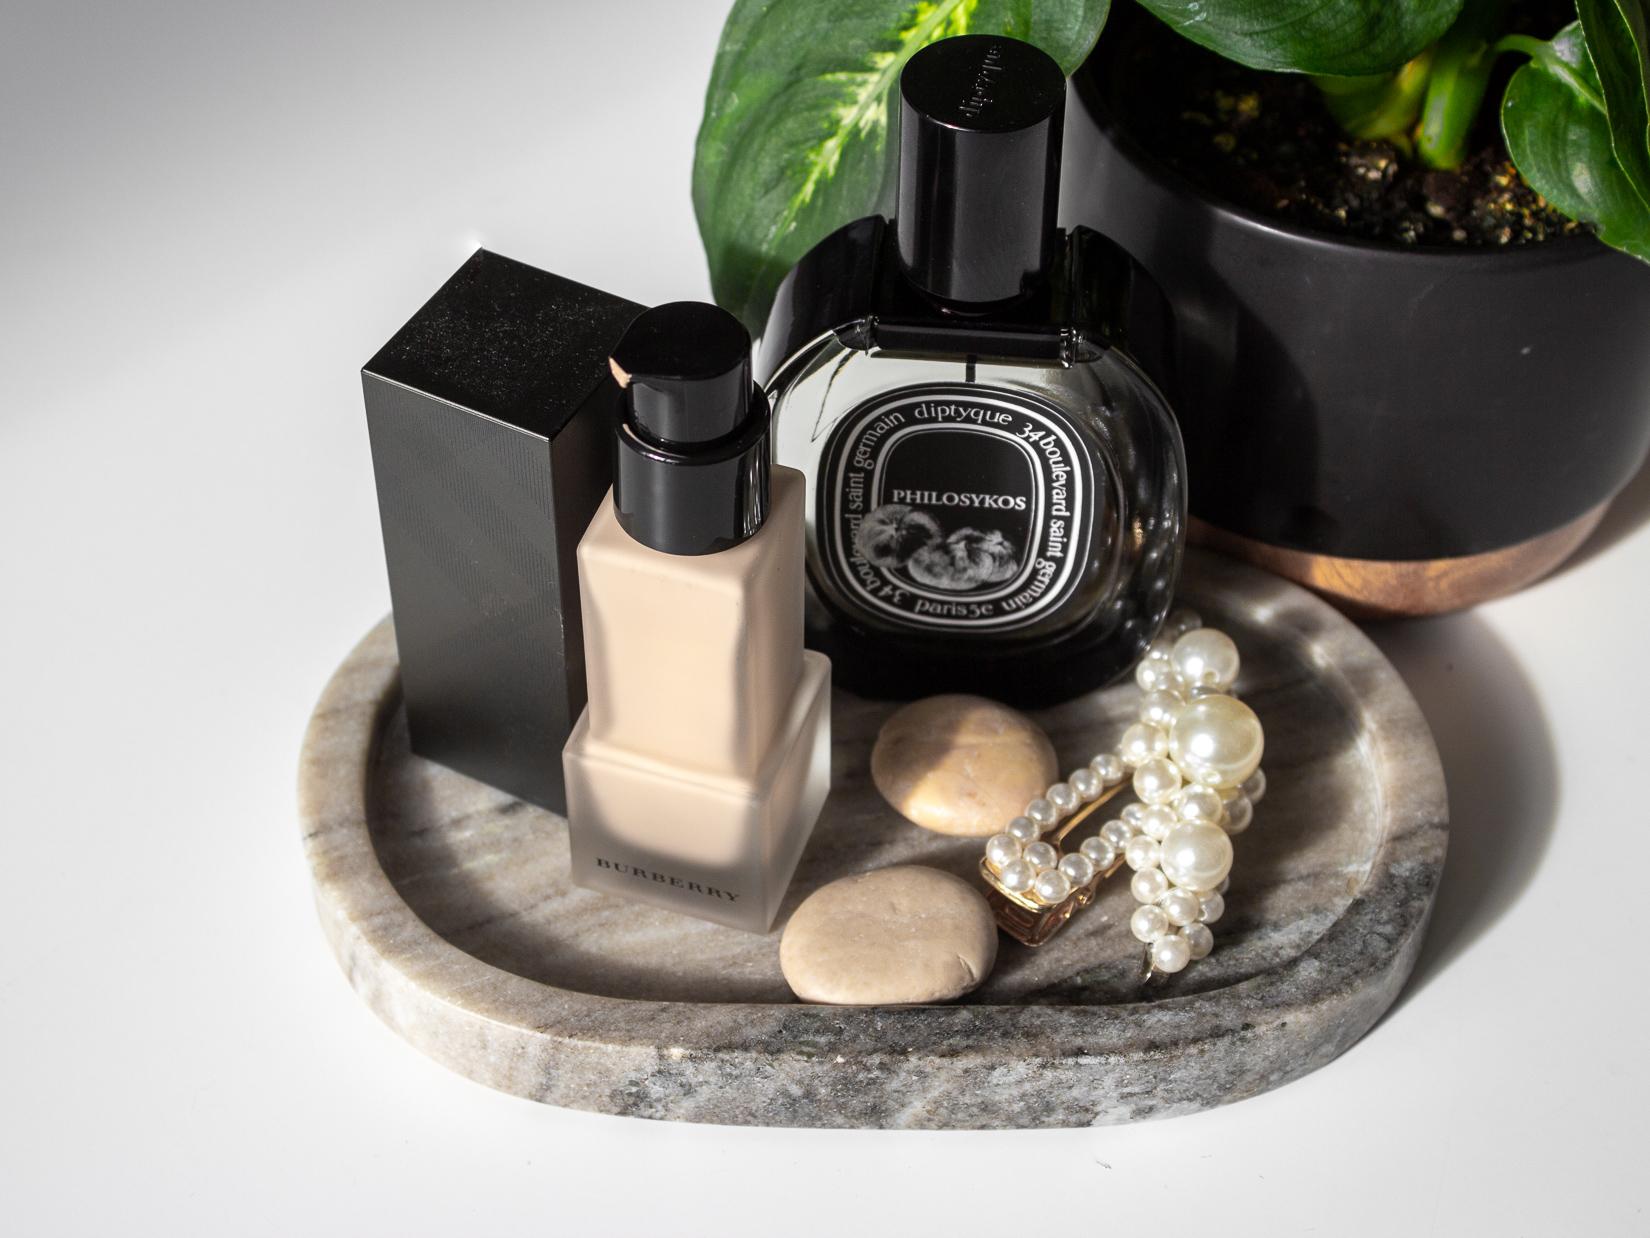 recenze a zkušenosti s makeupem Burberry